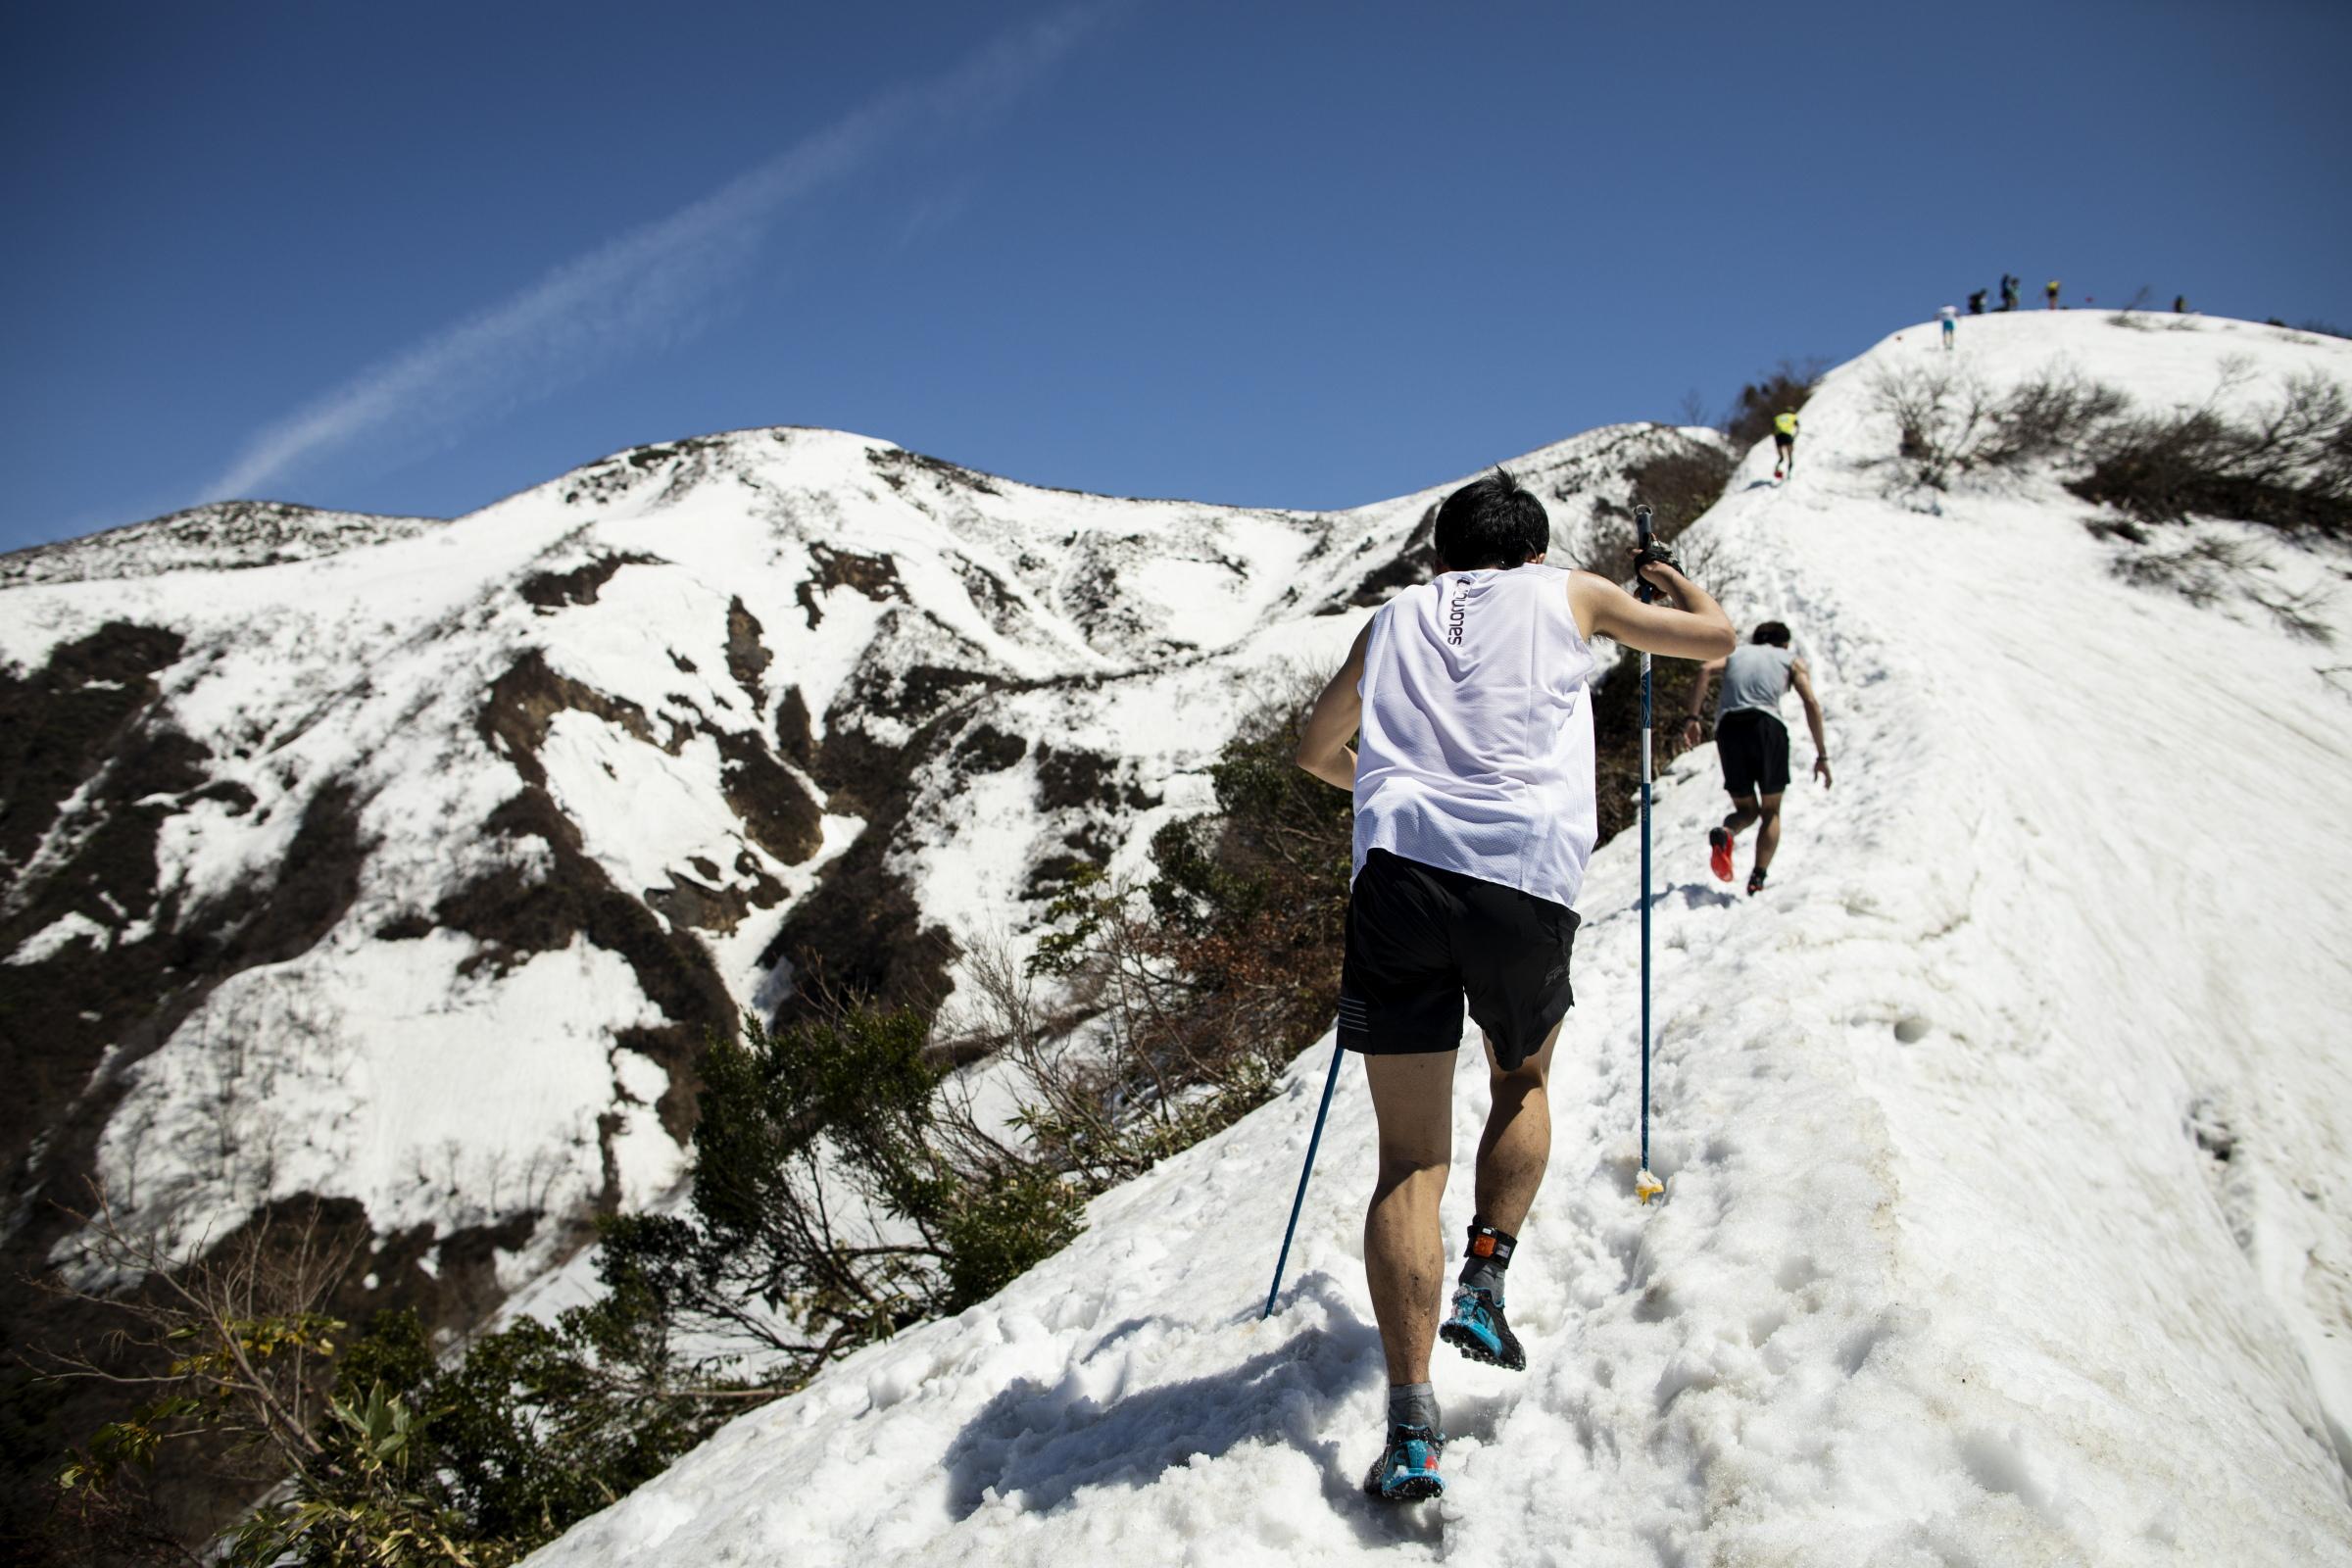 雪の尾根を駆け登る ©Sho Fujimaki